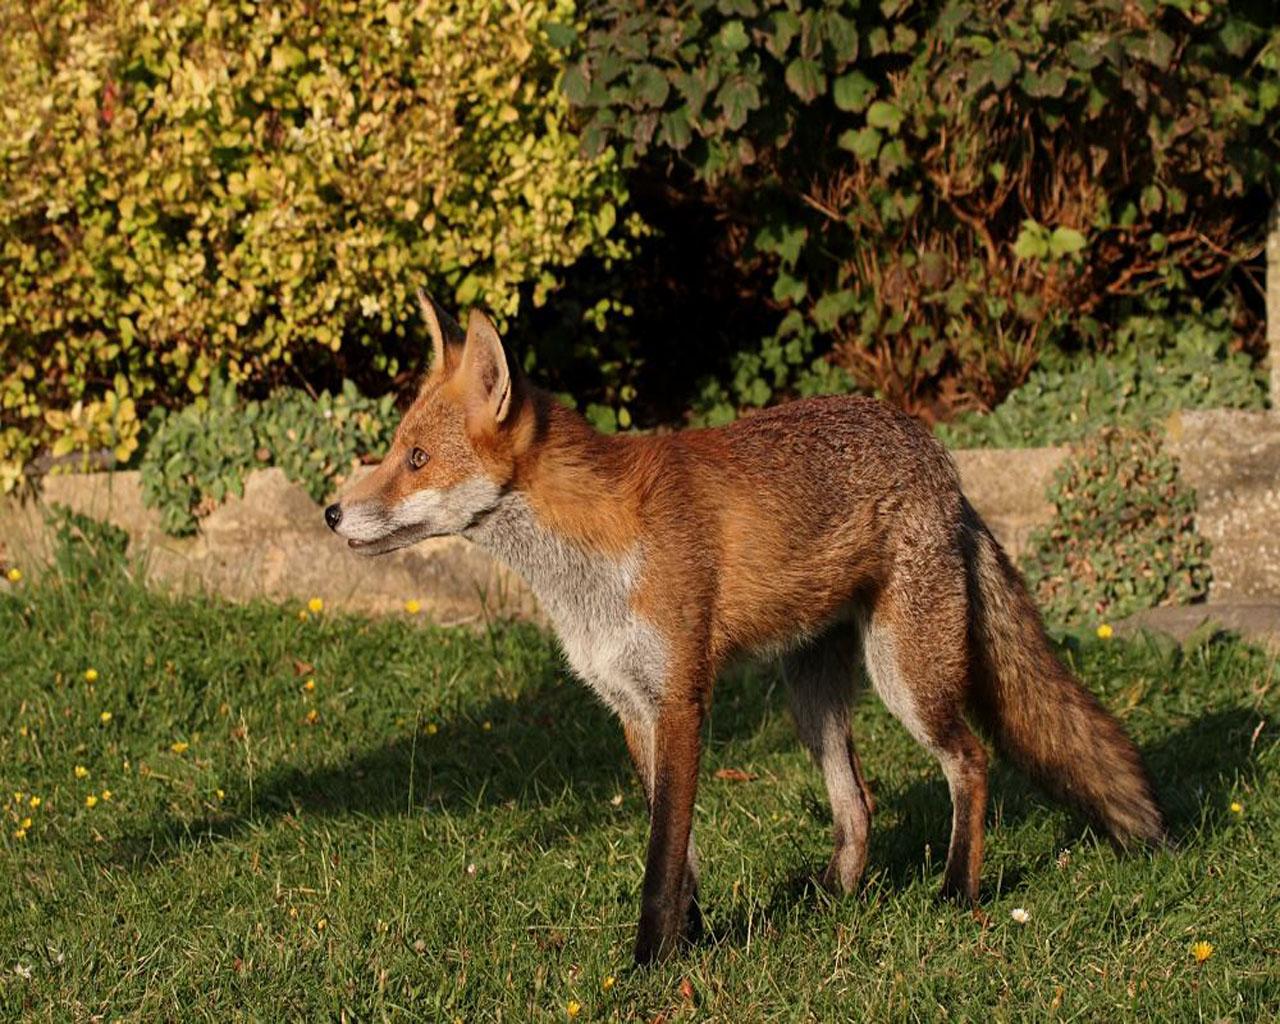 http://2.bp.blogspot.com/_sz2fJjO1XW8/THSzcapWTEI/AAAAAAAACEw/qFP9_QMGLrg/s1600/fox-animal-wallpapers-3-1280x1024.jpg